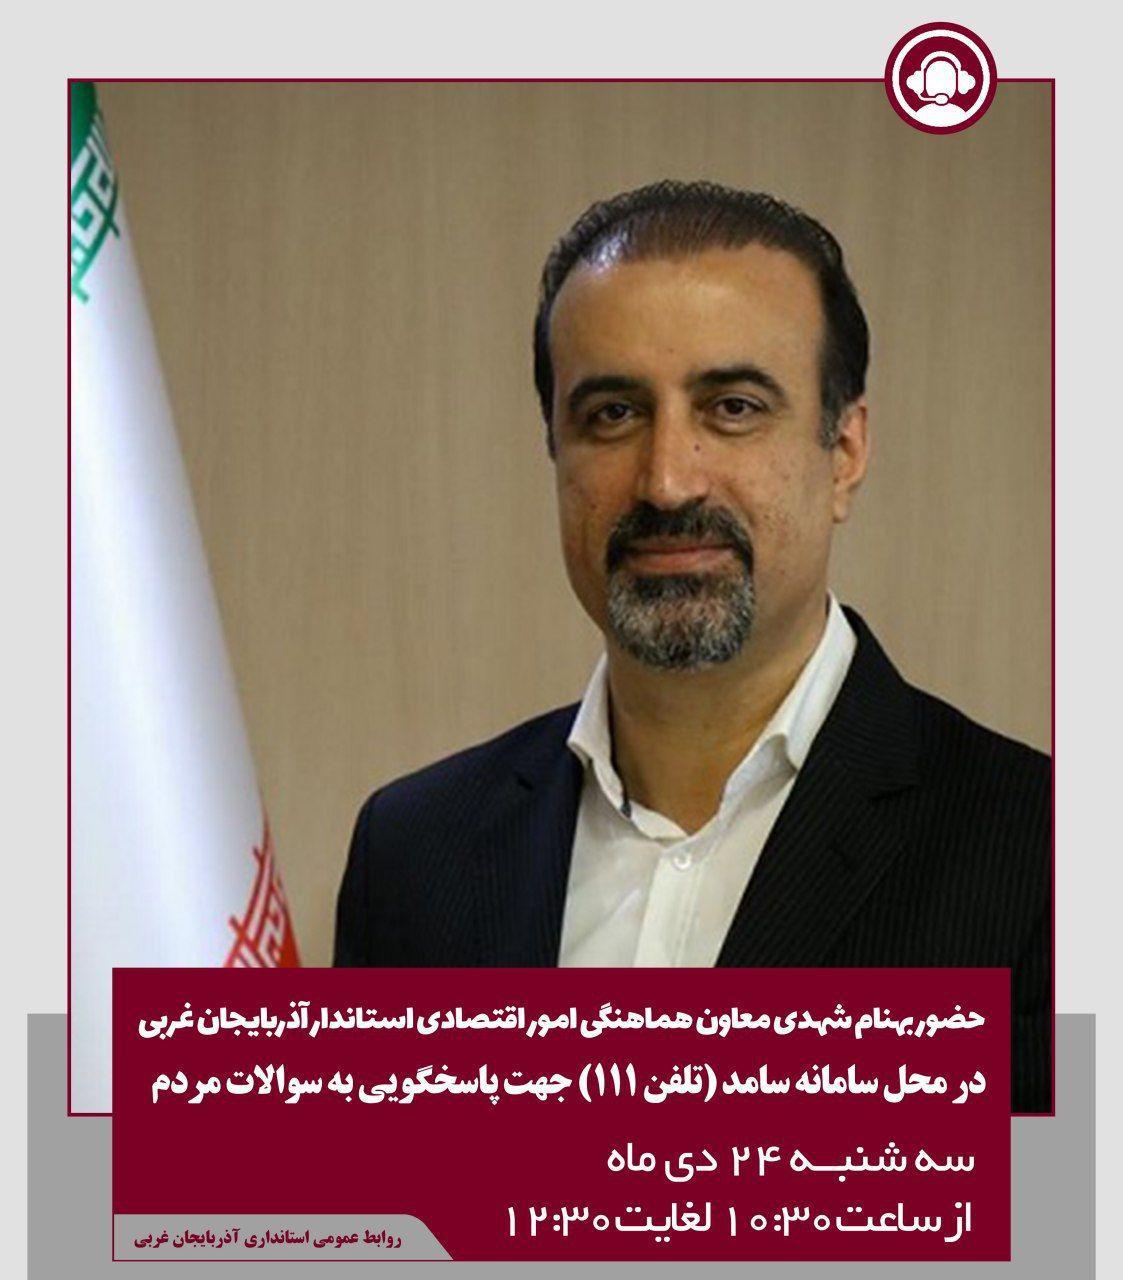 حضور معاون هماهنگی امور اقتصادی و توسعه منابع استاندار آذربایجان غربی  در سامانه سامد برای پاسخگویی به سوالات شهروندان